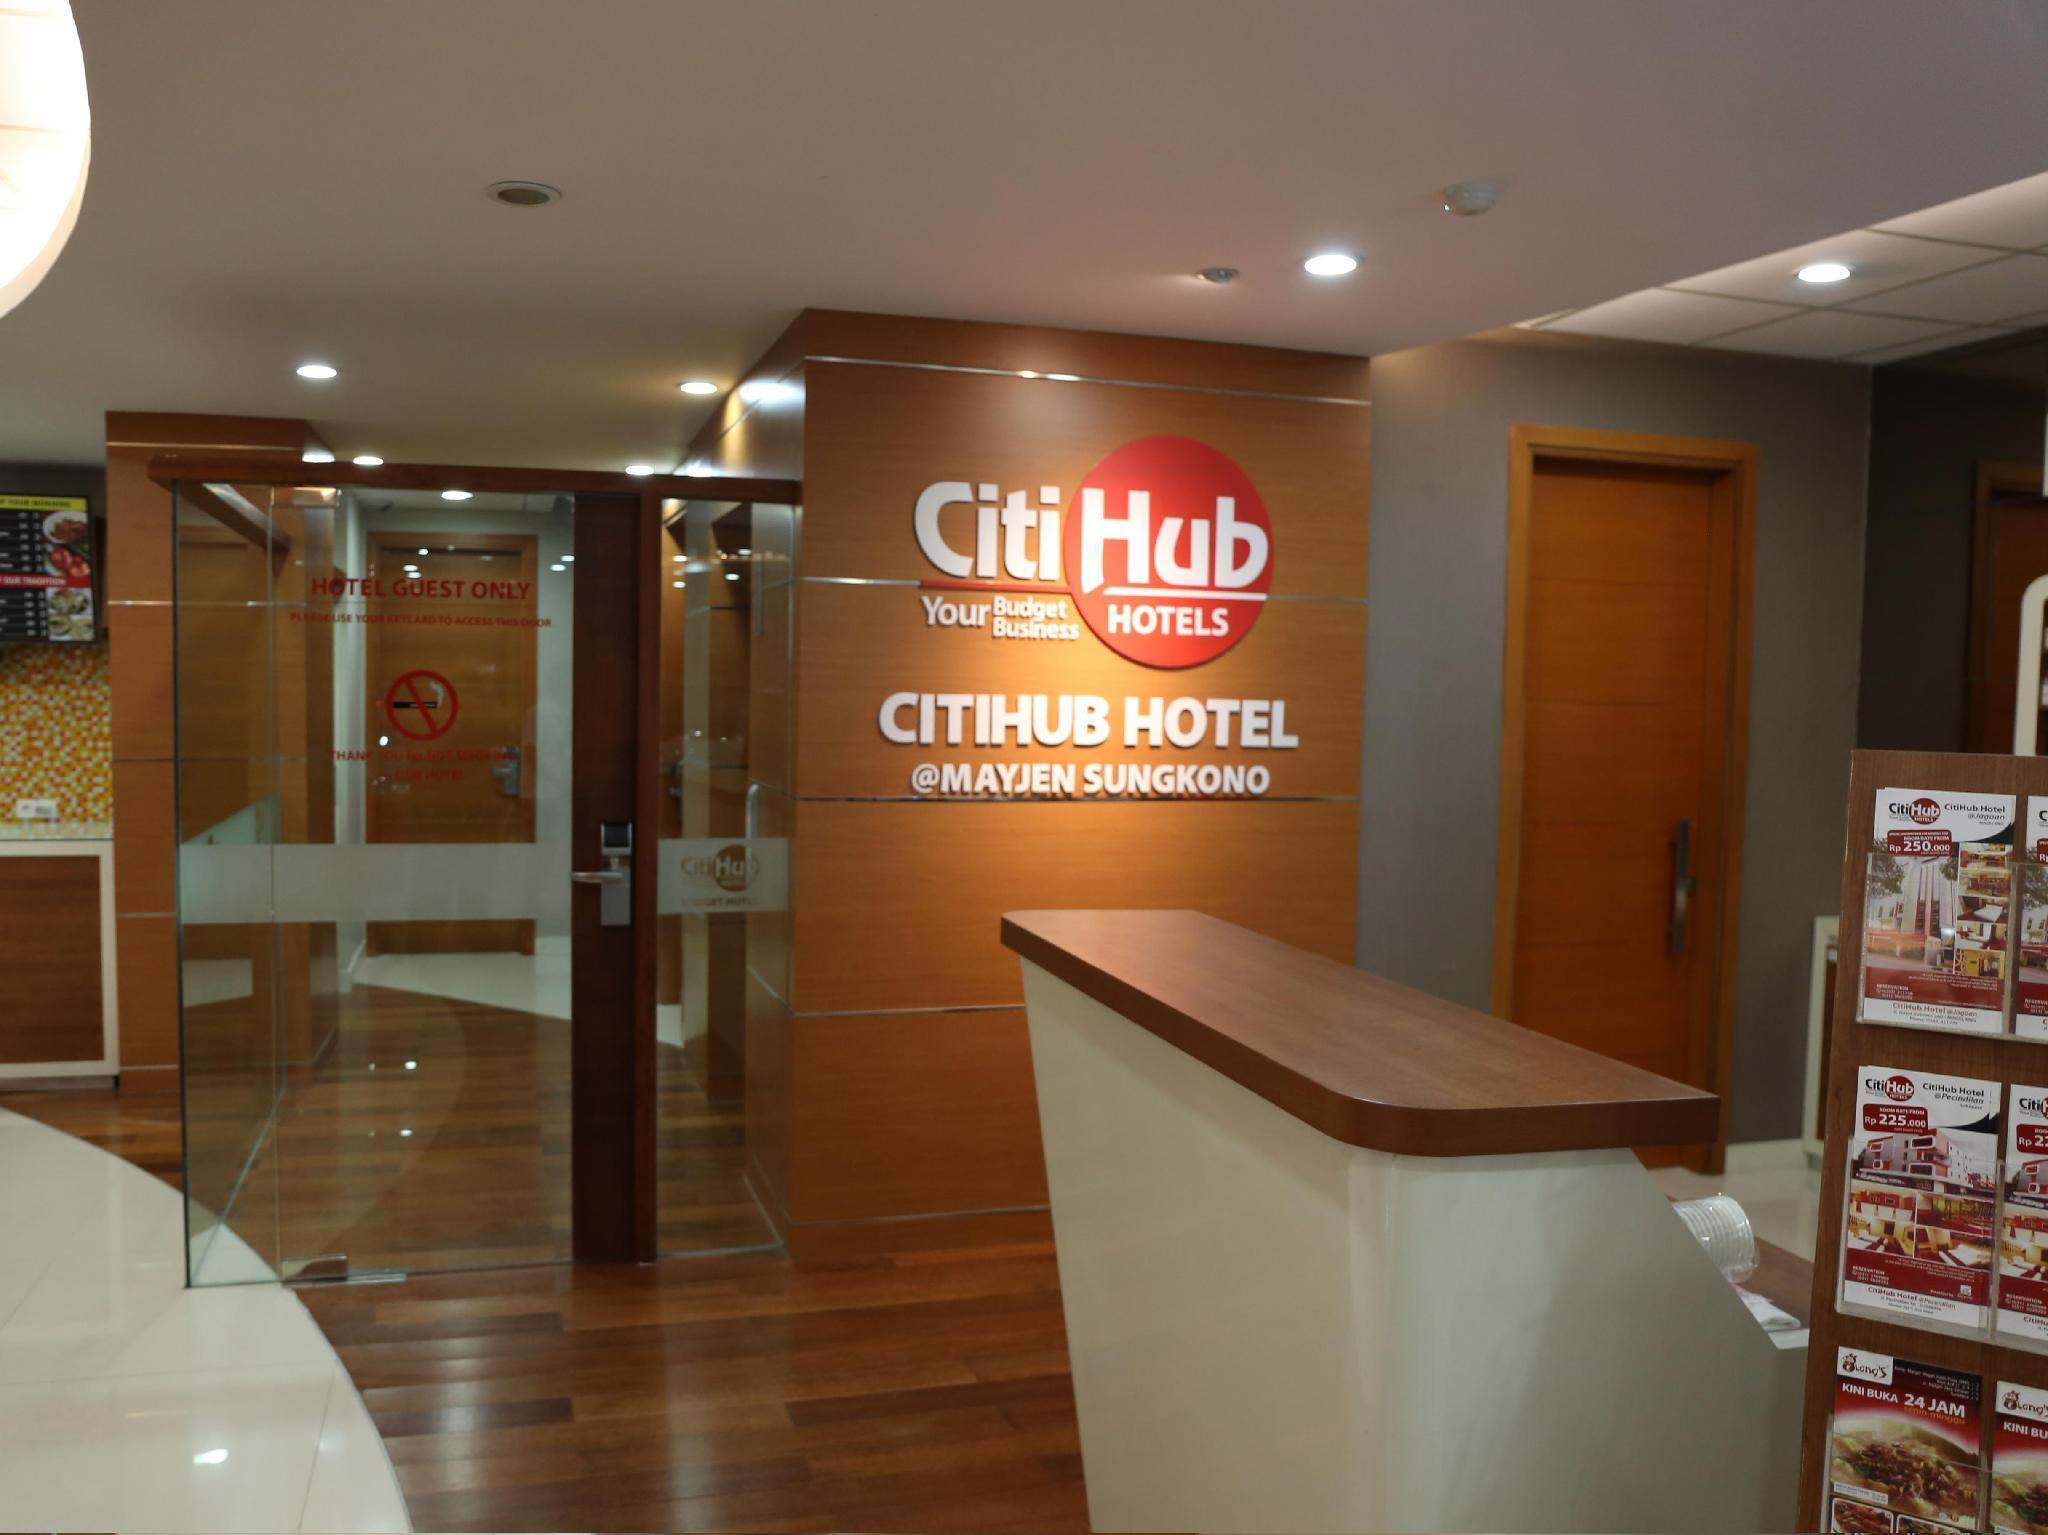 Citihub Hotel @Mayjen Surabaya Indonesia